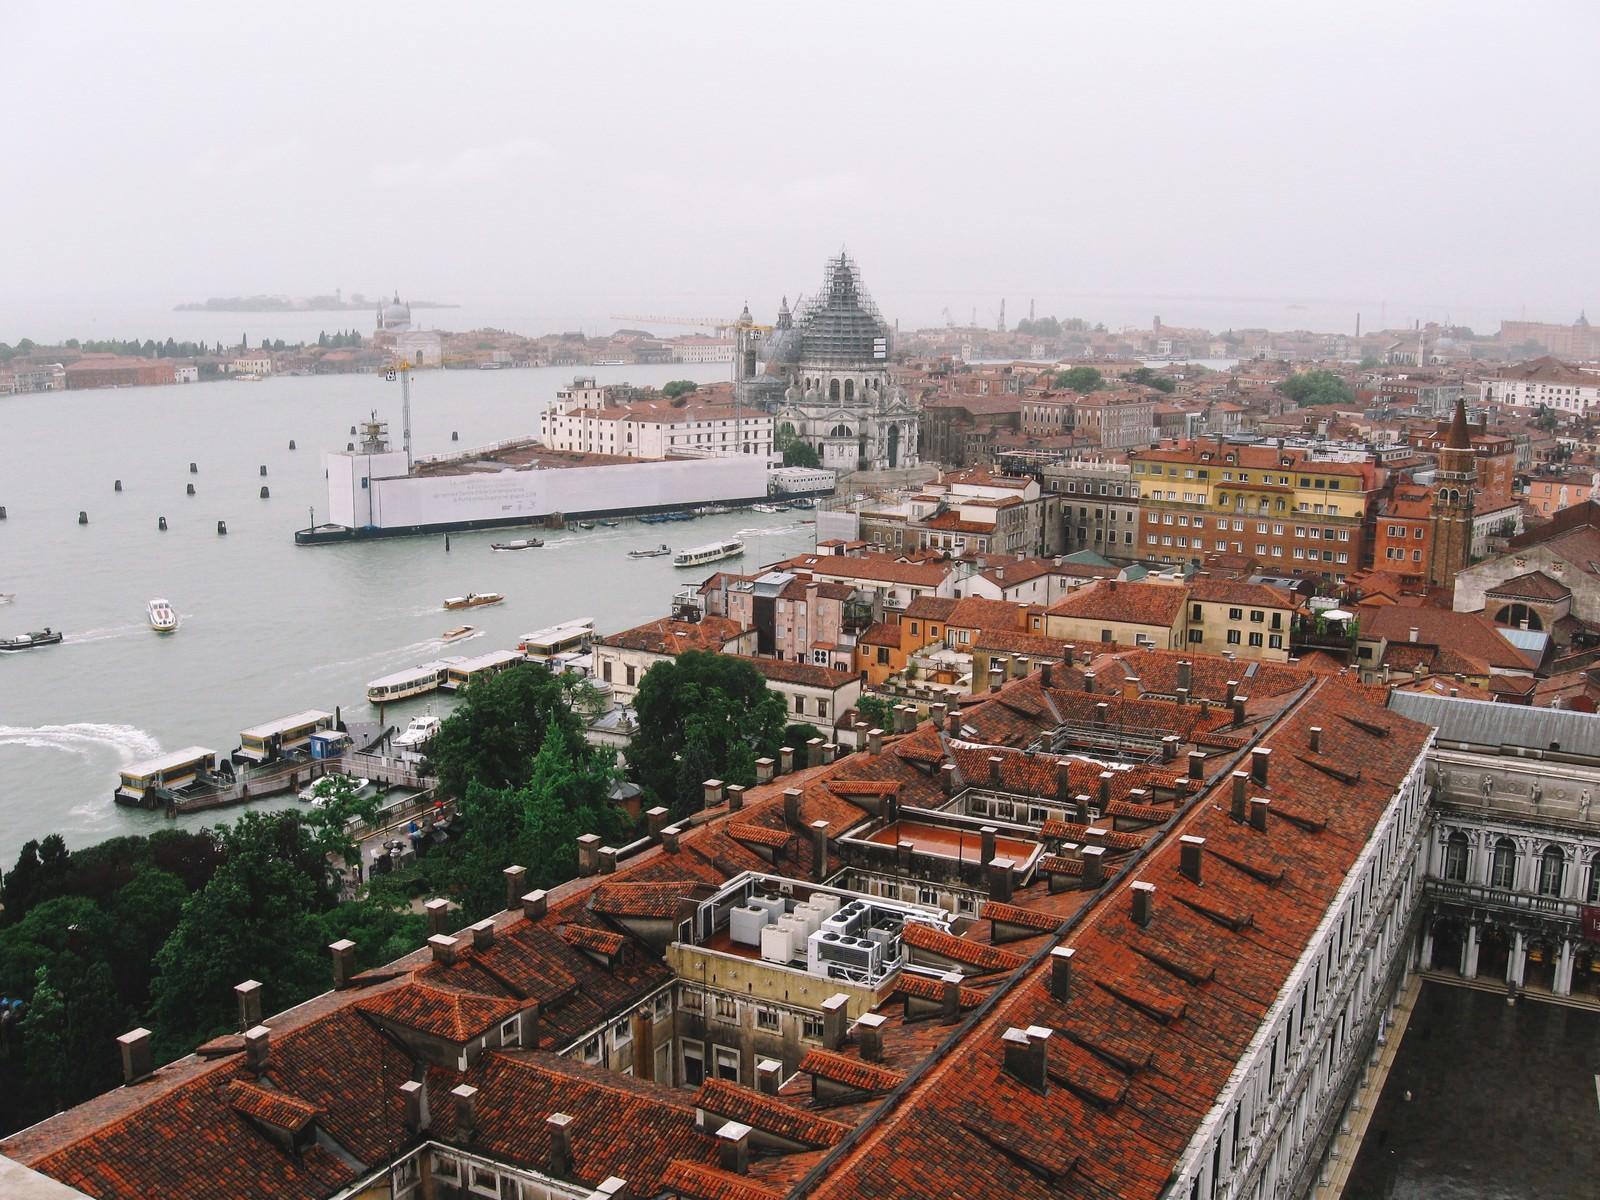 「赤茶色に染まる屋根とヴェネツィアの街並み(イタリア)」の写真